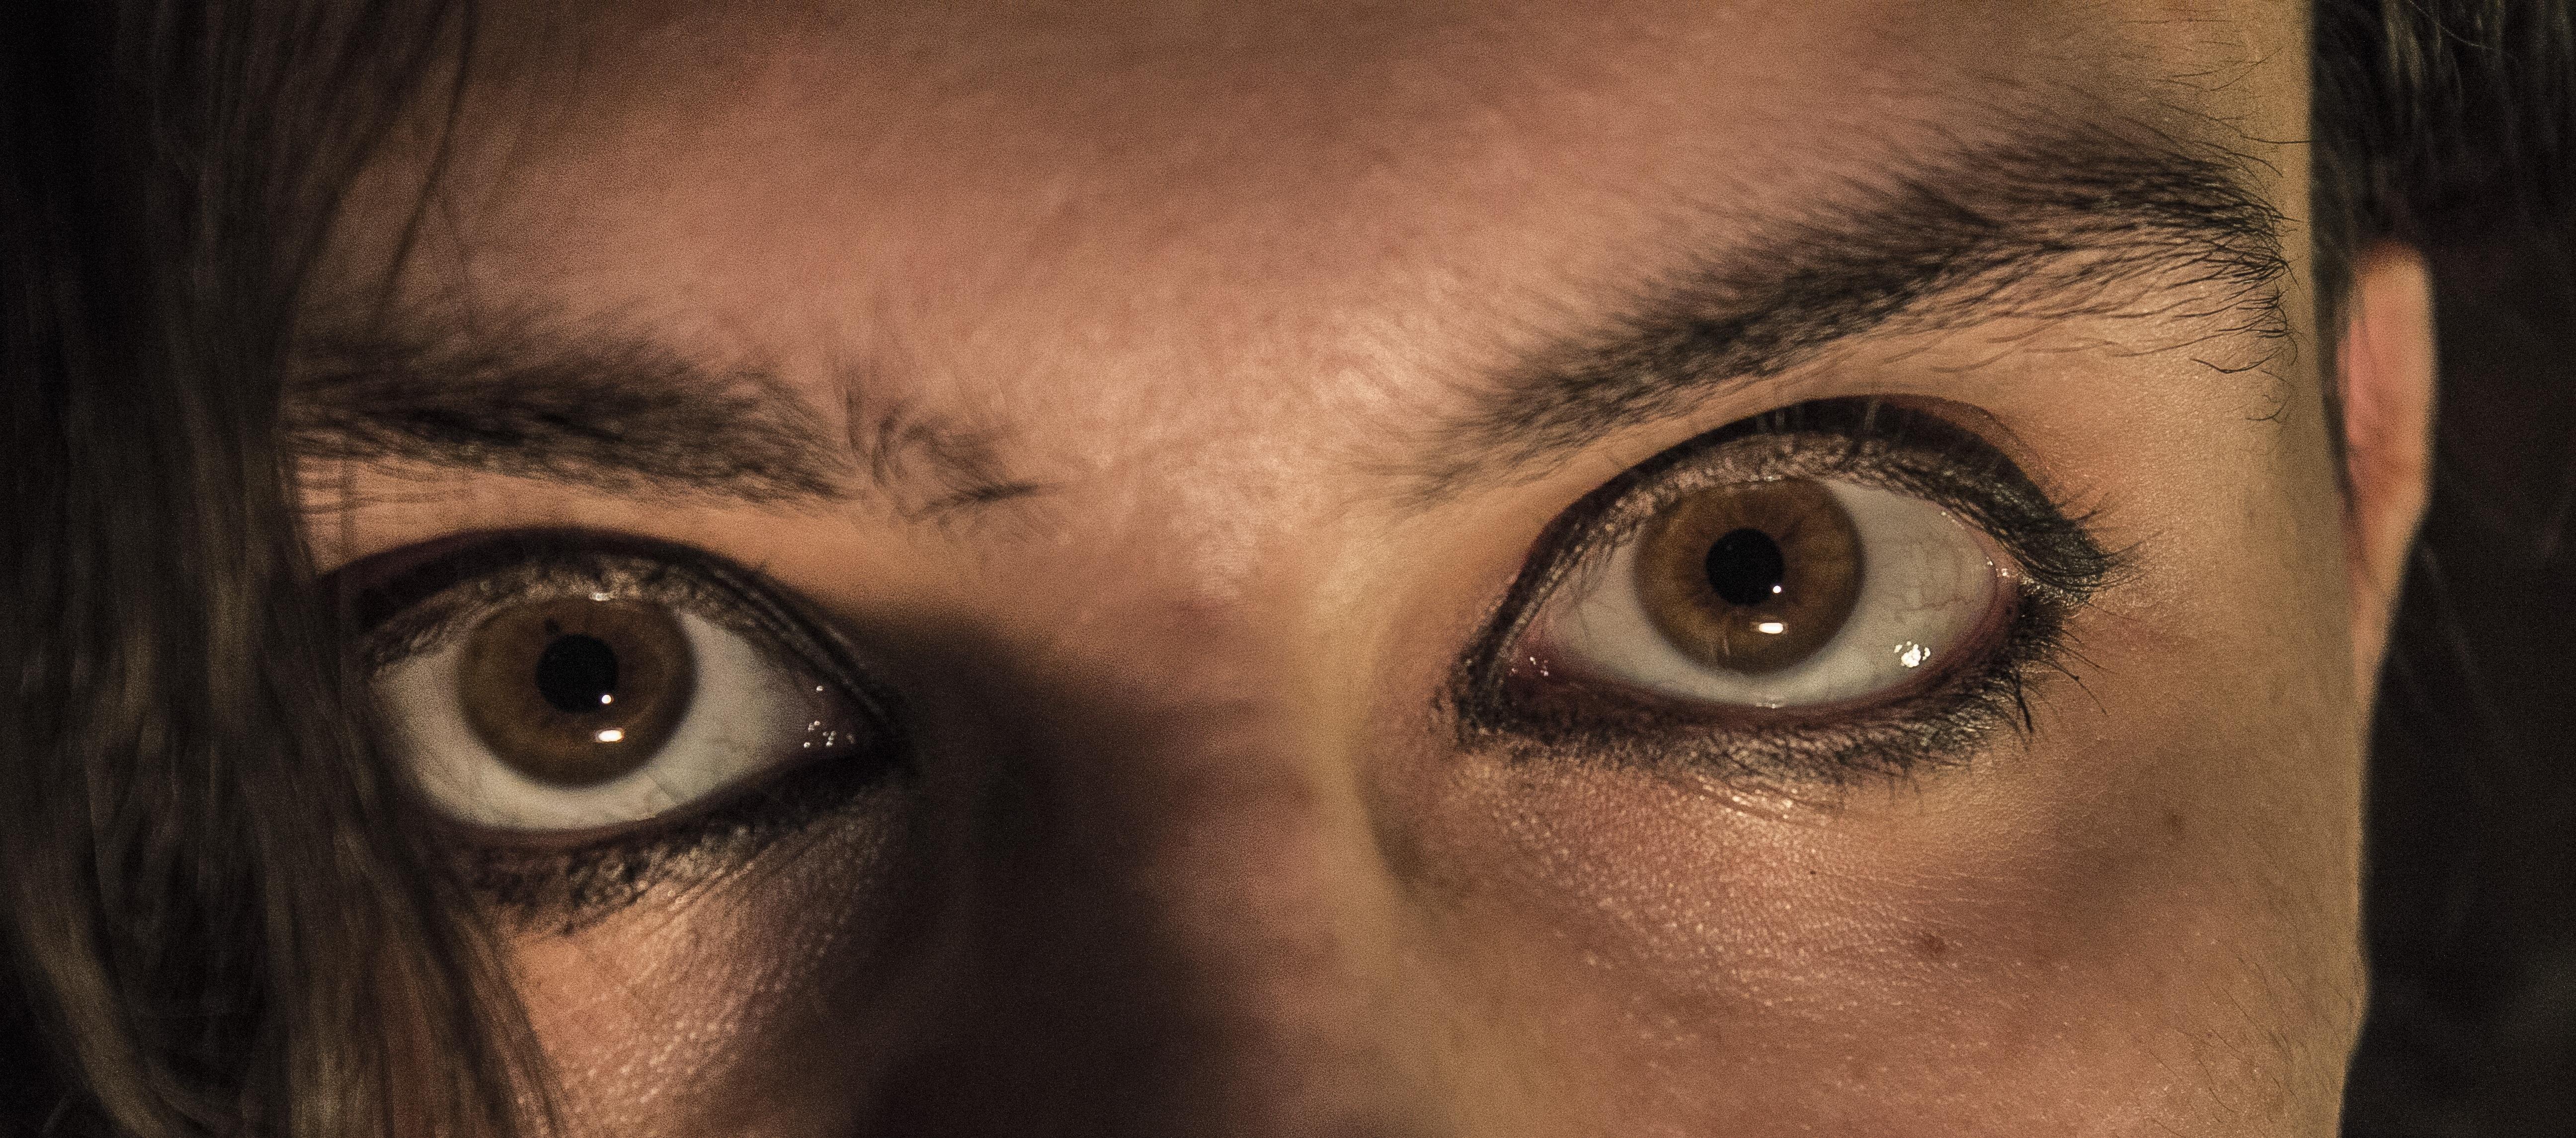 Картинки глаза с веером базе жилых